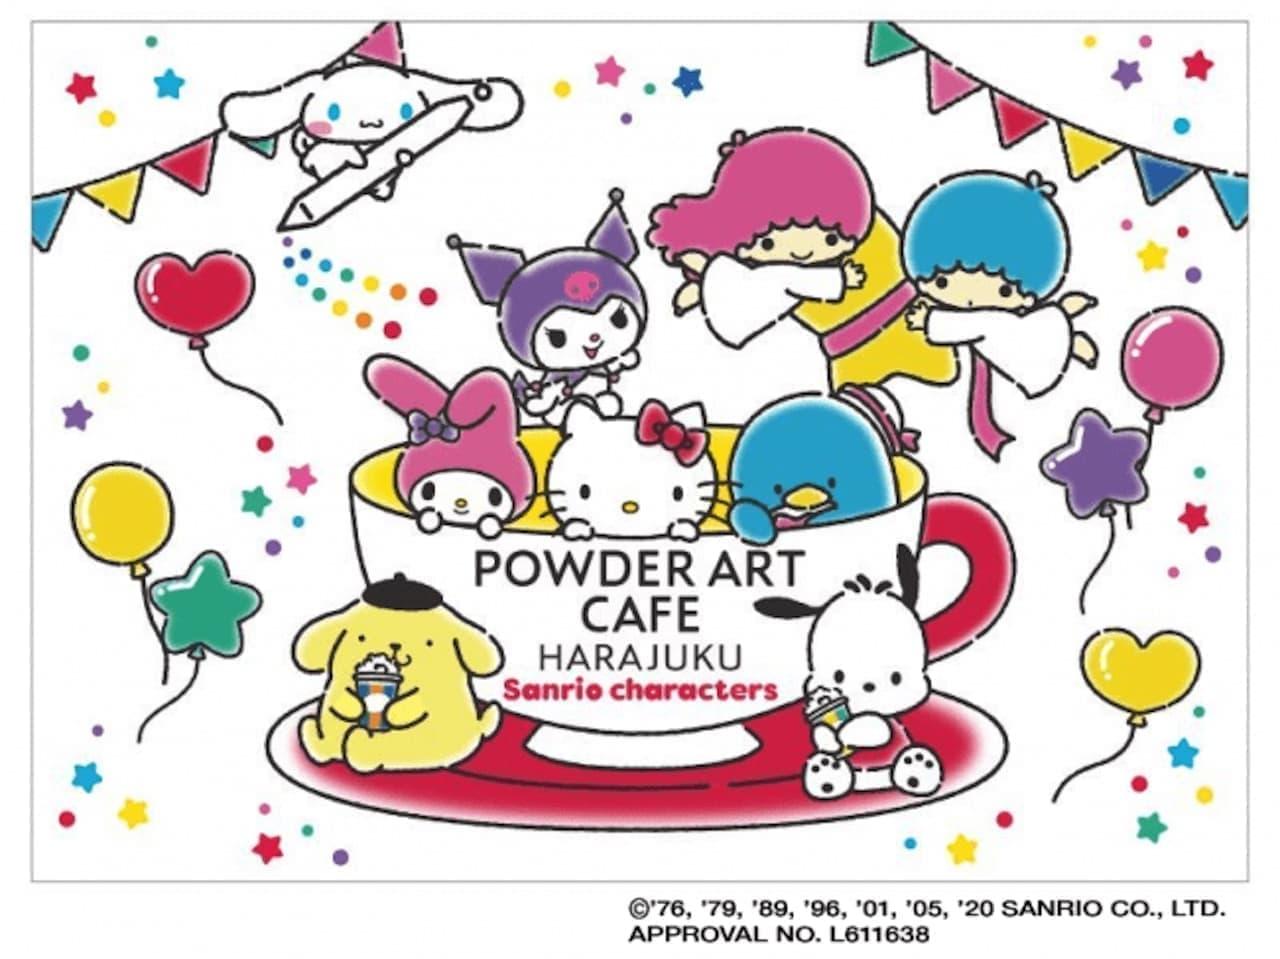 サンリオとのコラボカフェ「POWDER ART CAFE HARAJUKU」